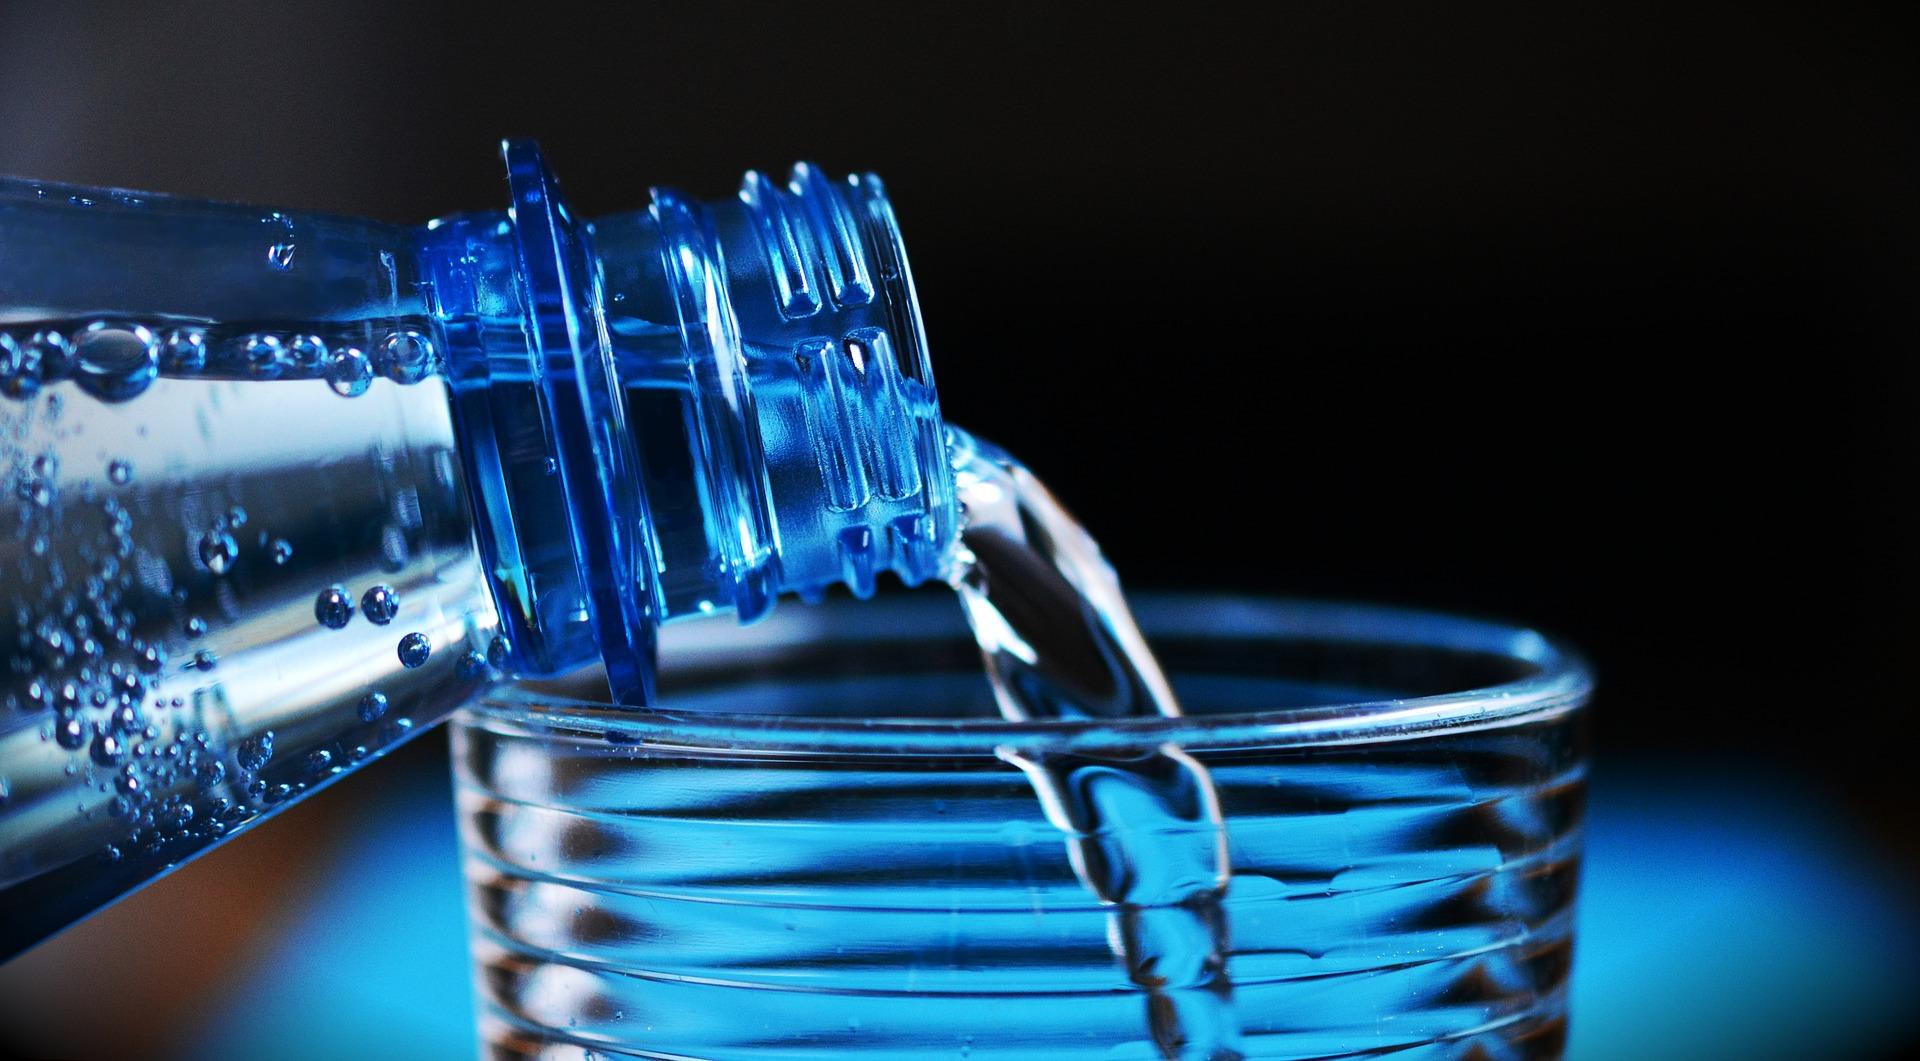 Woda, właściwości substancji, butelka z cieczą